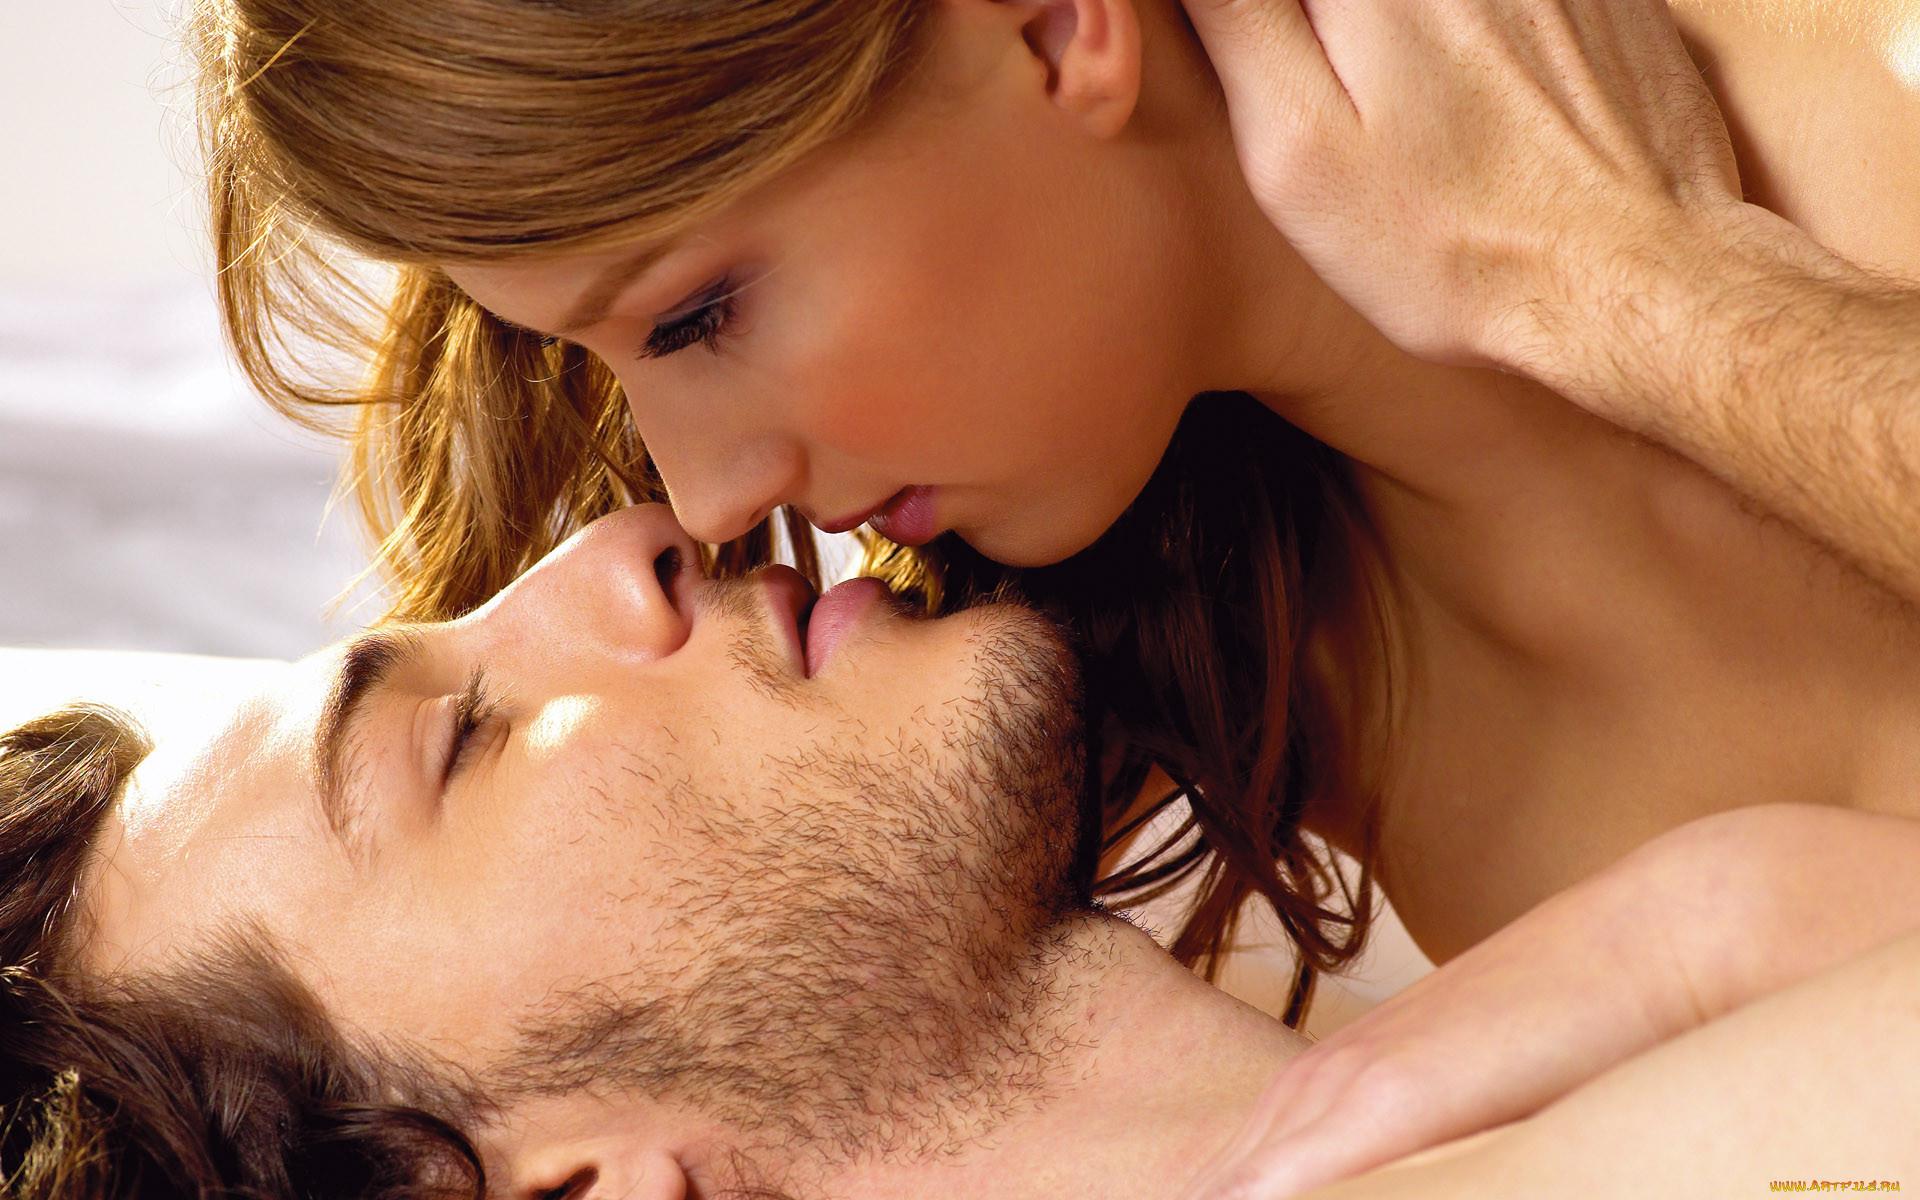 Мужчина Любит Женщину Секс